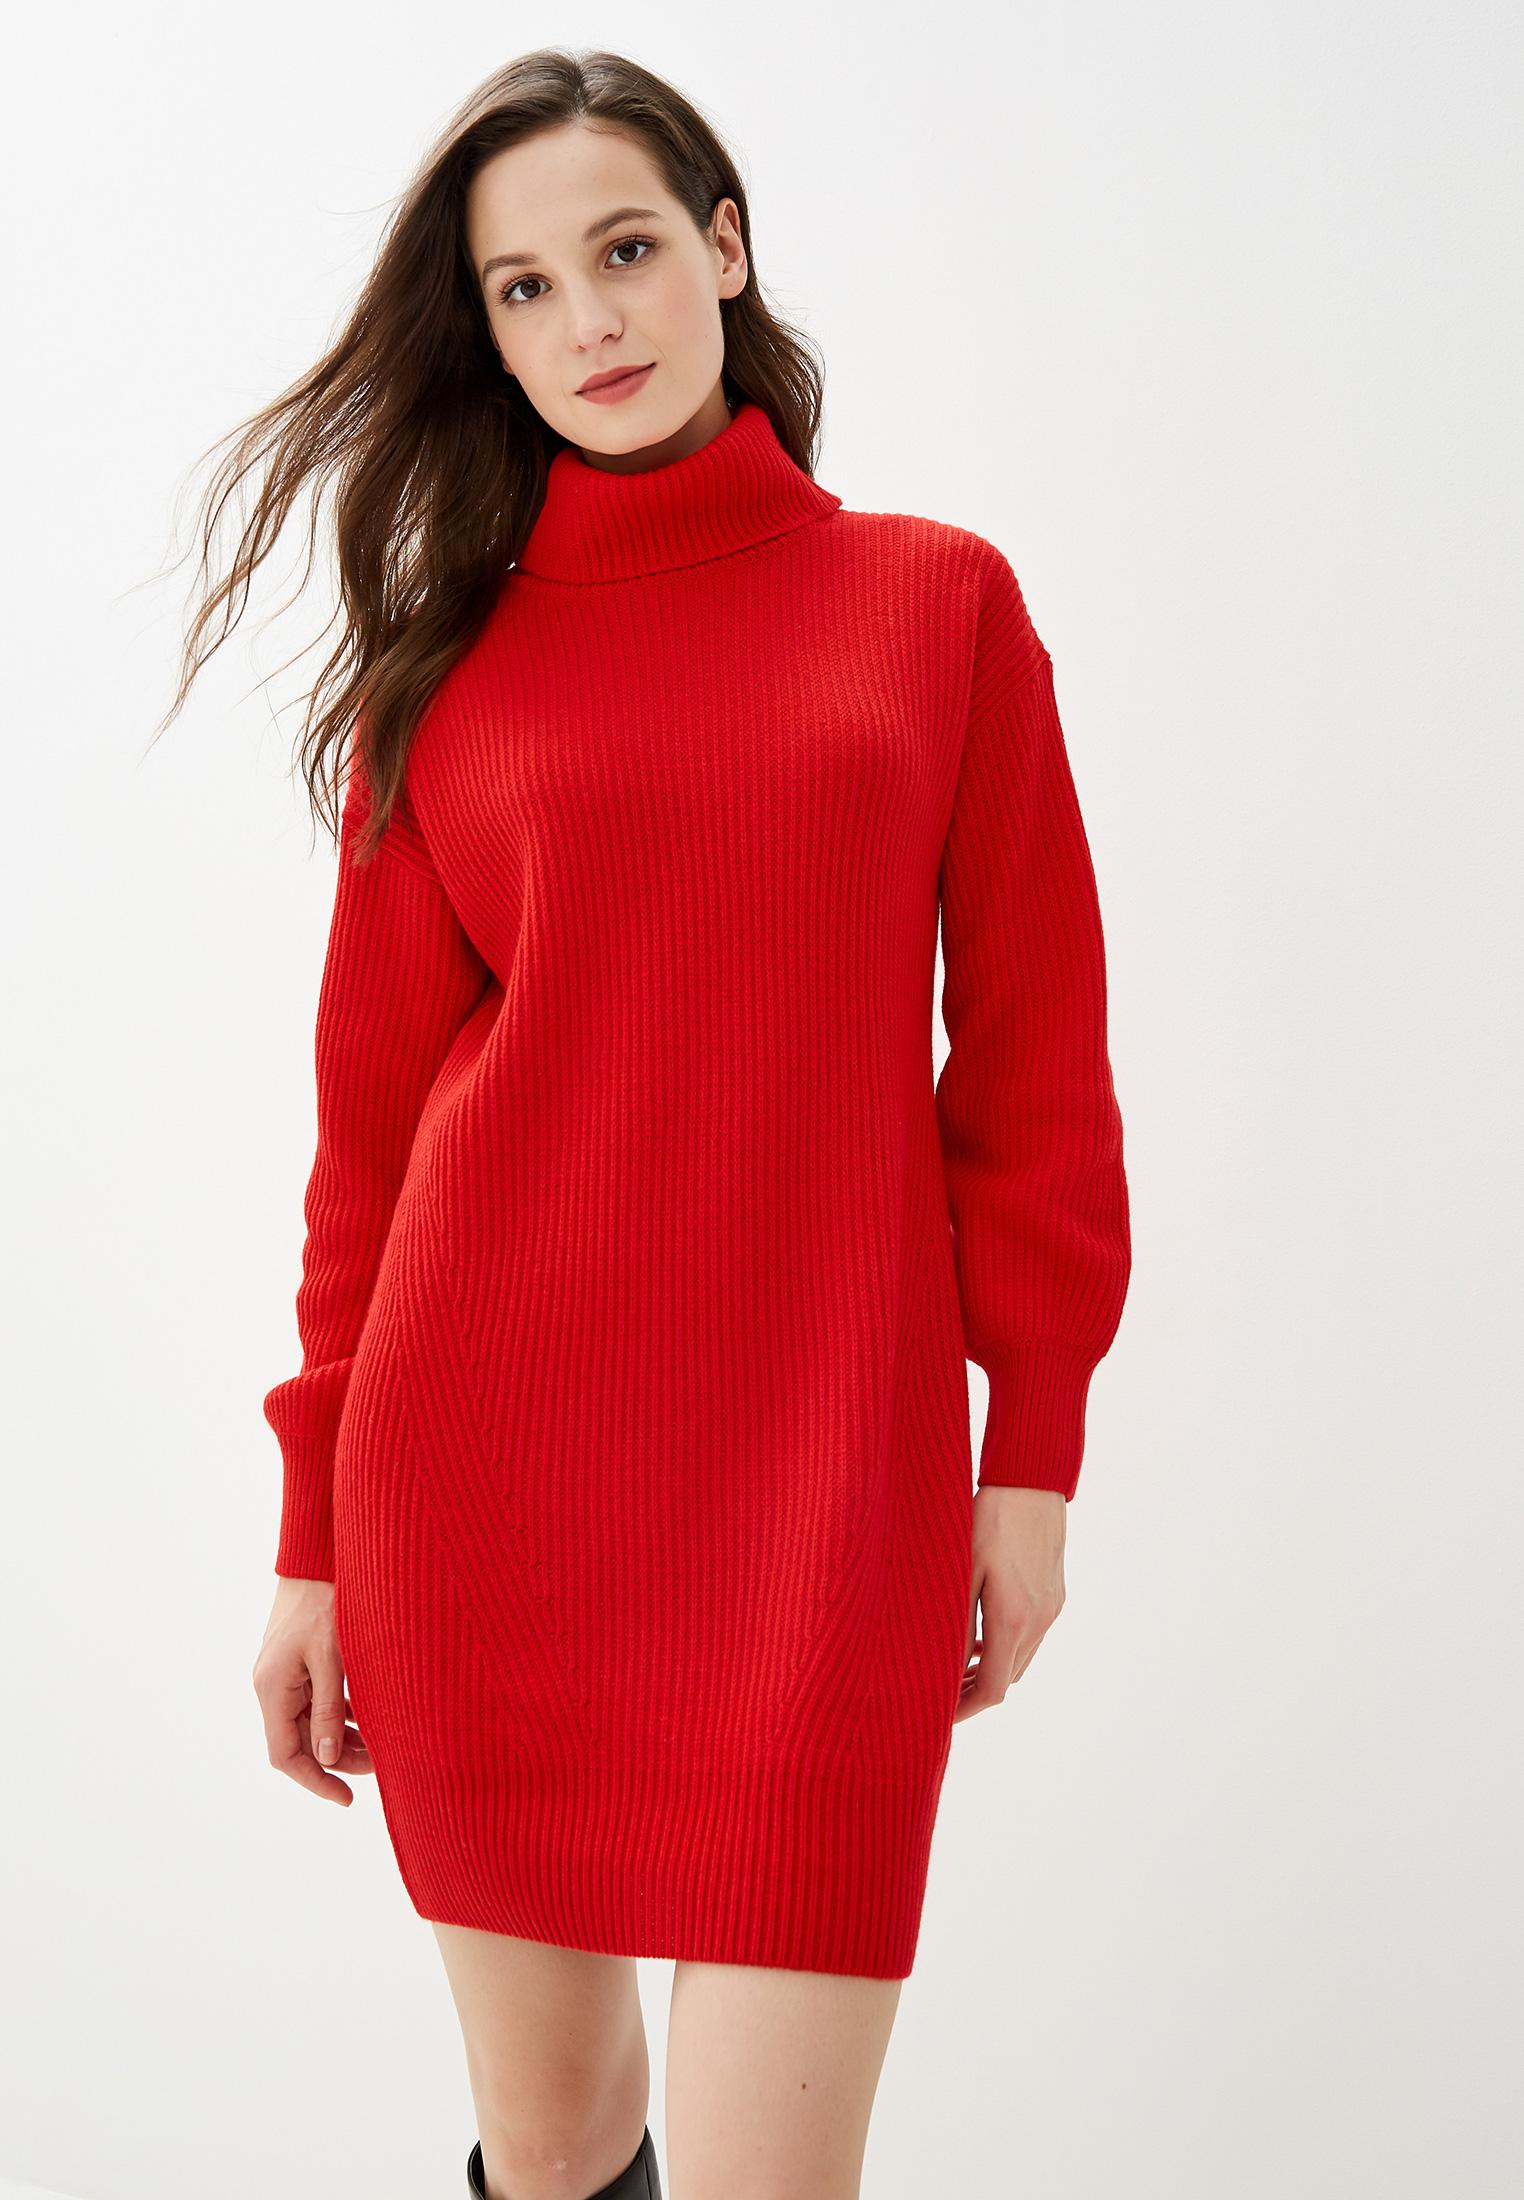 квадраты красные платья под водолазку фото сам бесконечно благодарен